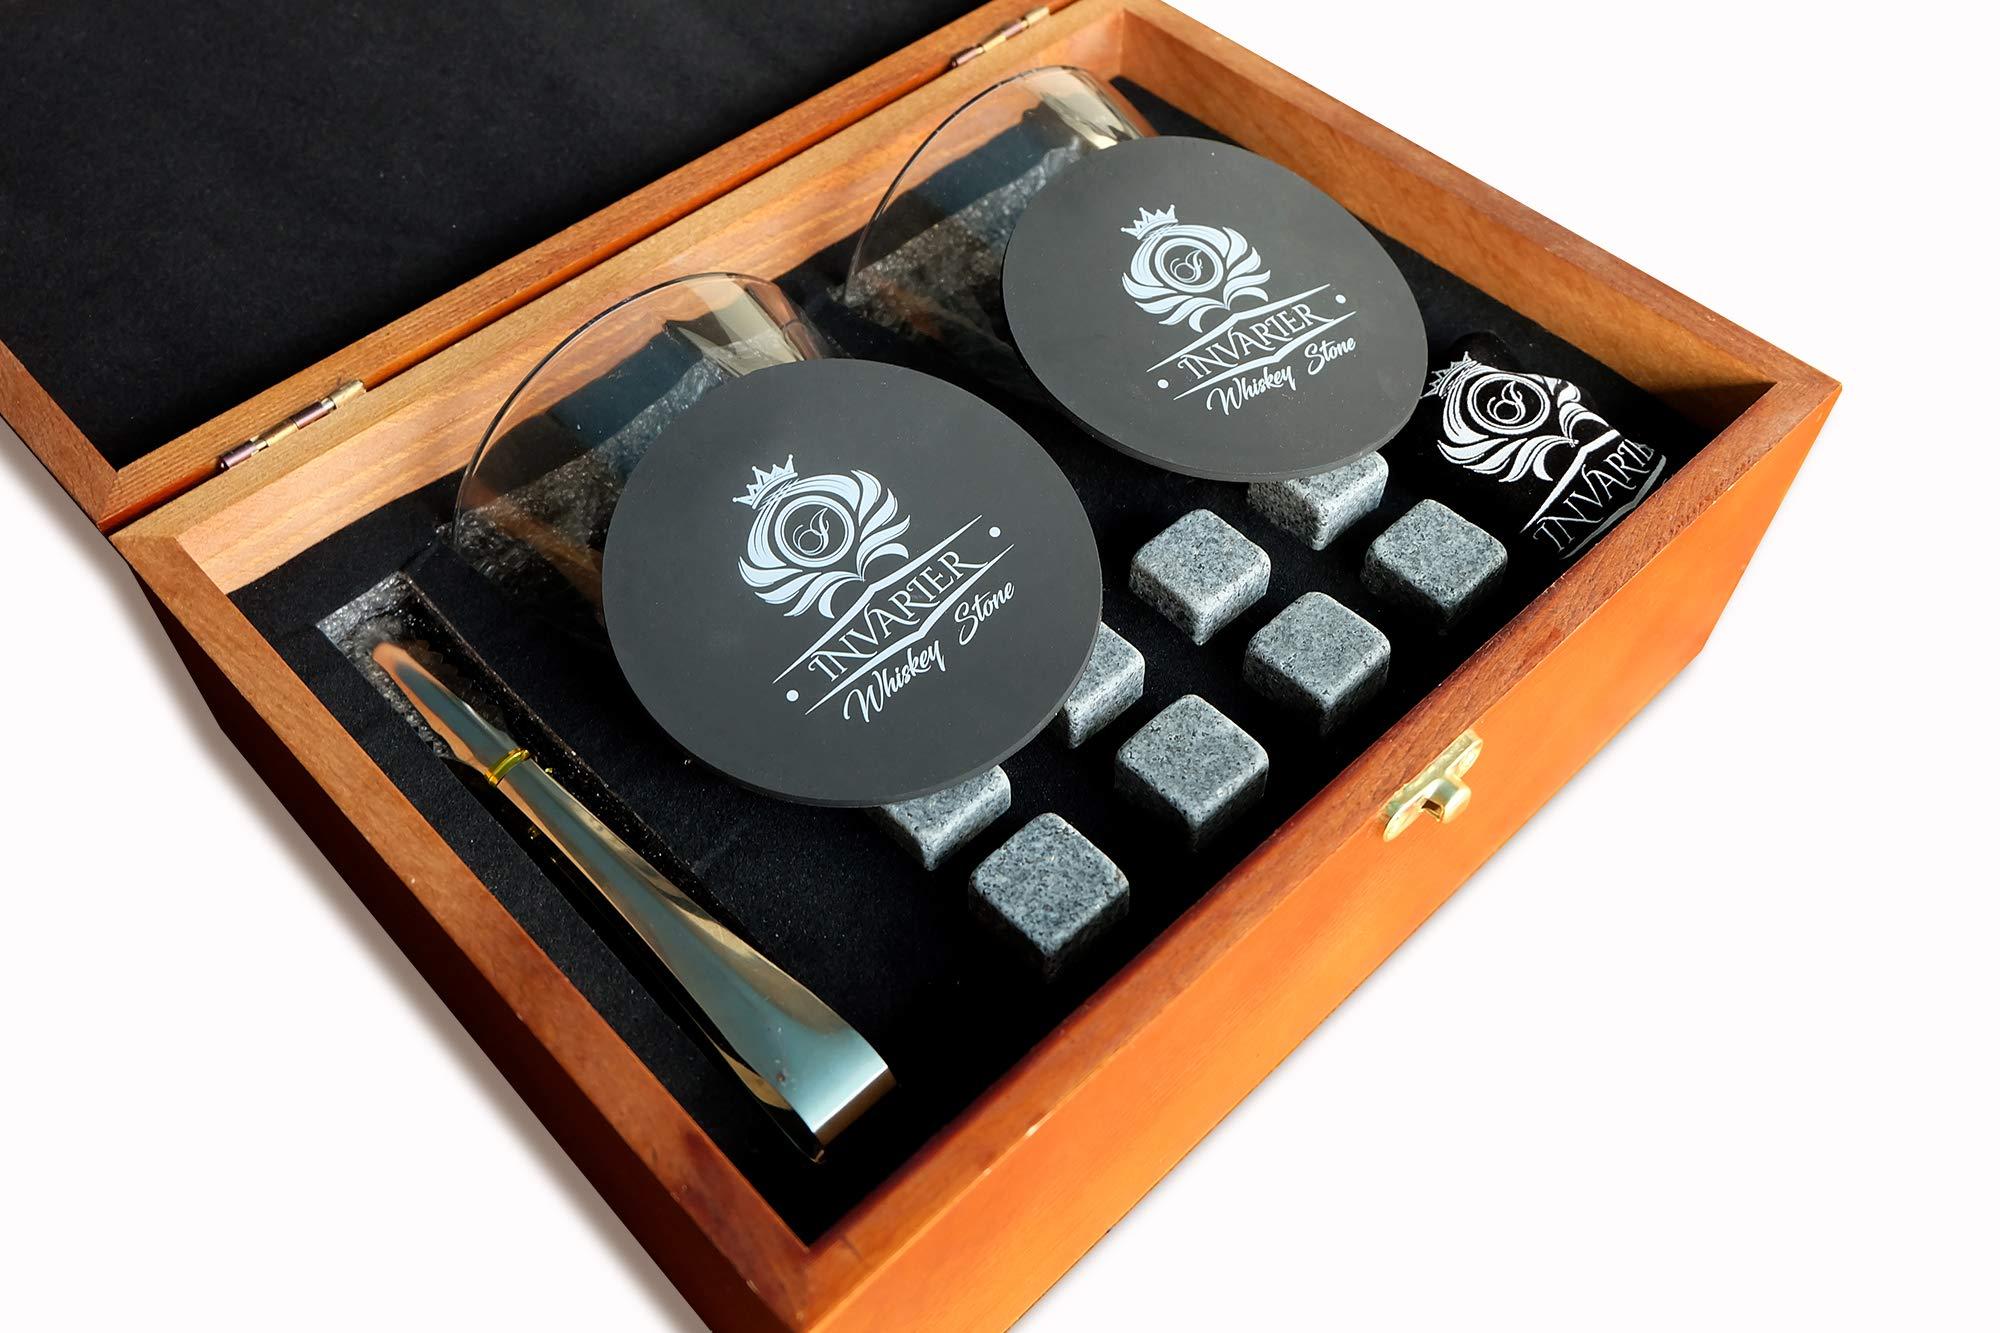 Whiskey Stones and Glass Gift Set - 8 Reusable Granite Chilling Rocks, 2 Large Whiskey Glasses, 2 Coaster, Velvet Pouch & Tongs in Elegant Wooden Box